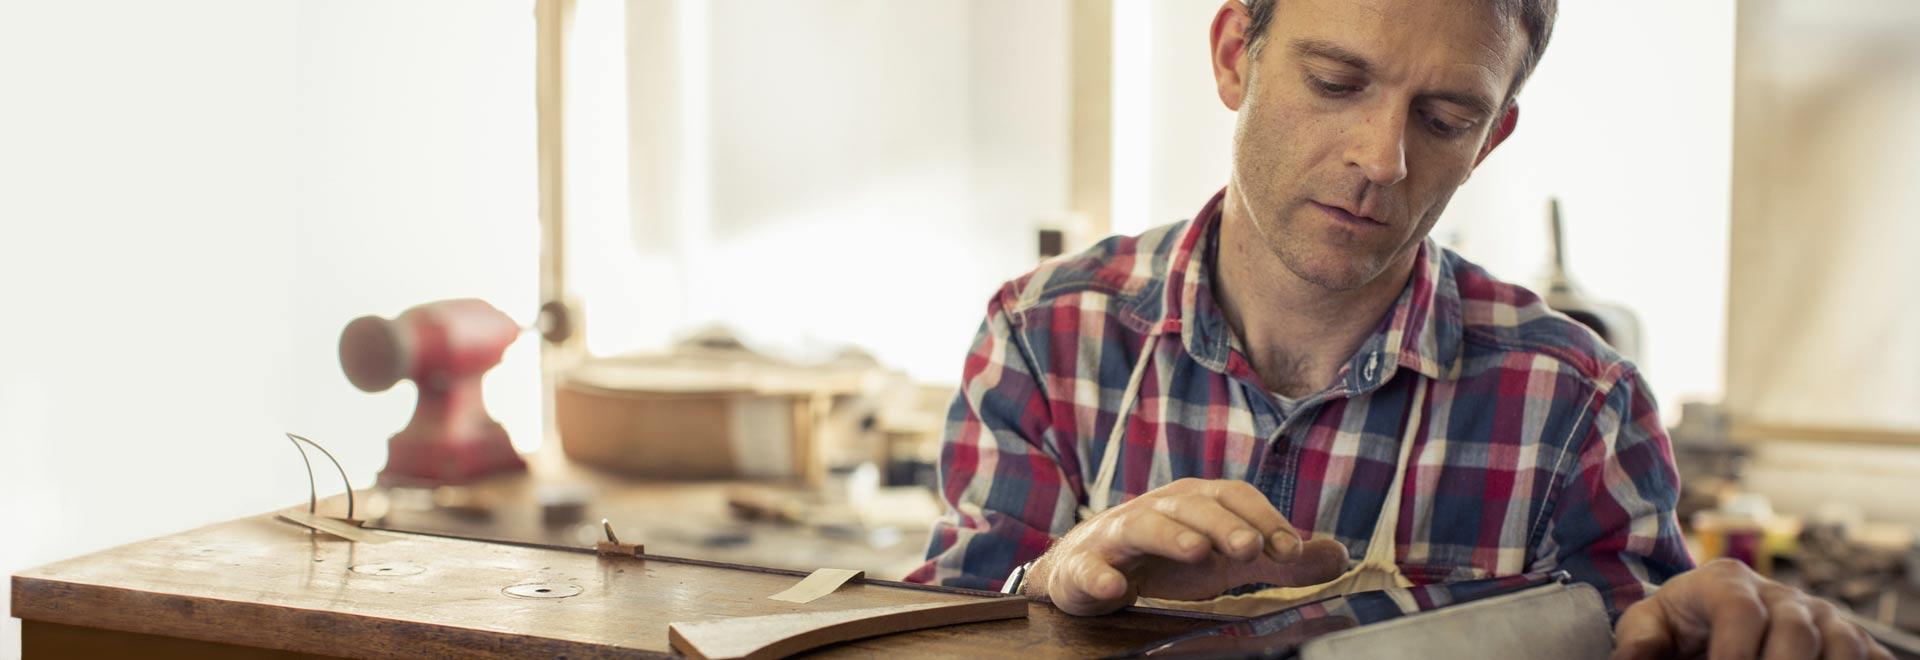 Seorang pria di sebuah bengkel menggunakan Office 365 Bisnis pada tablet